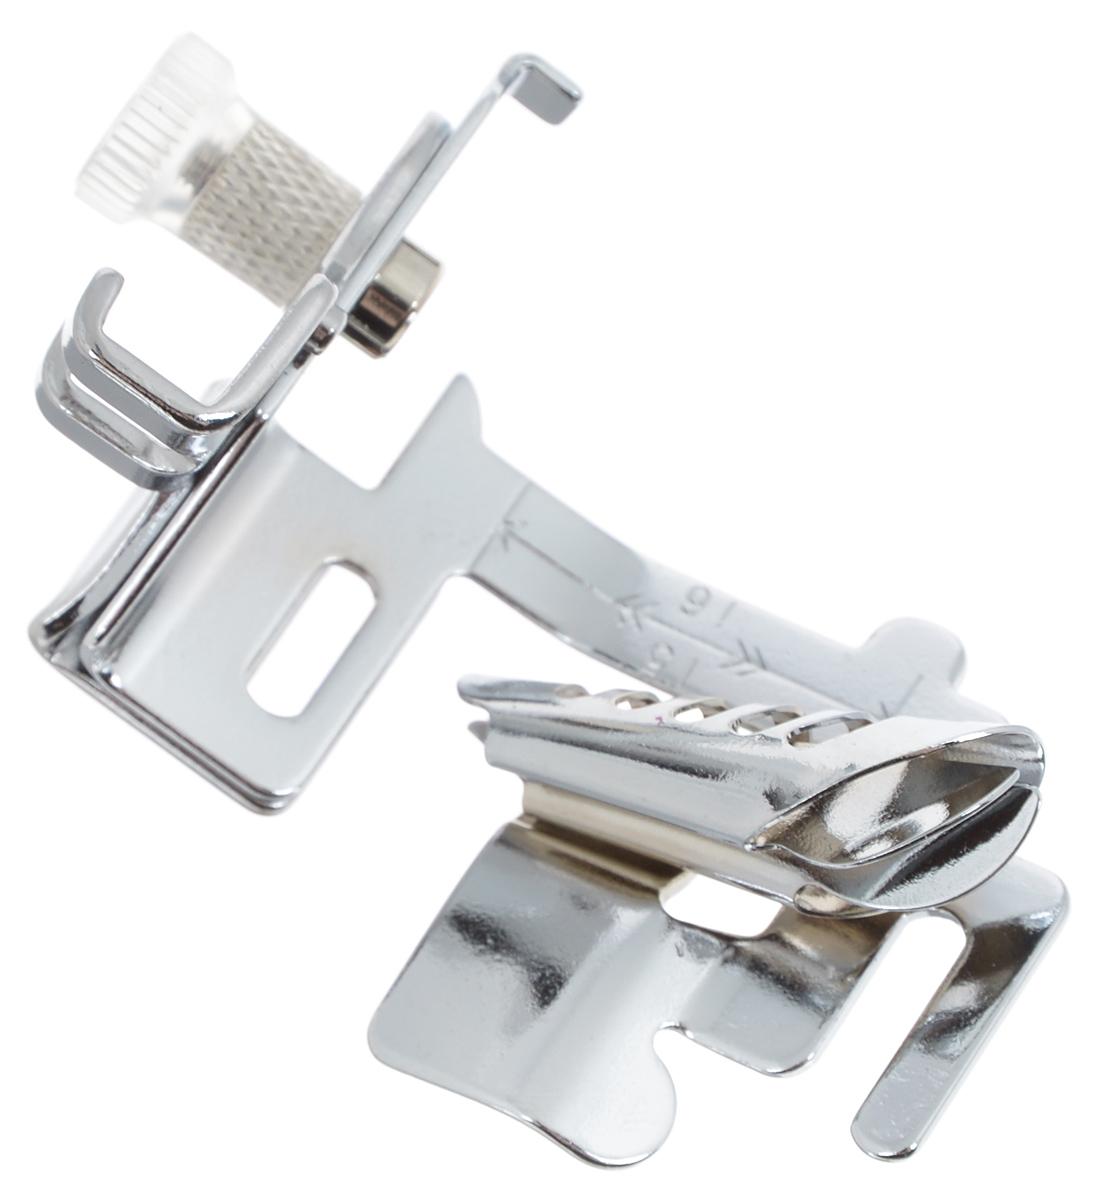 Лапка для швейной машины Aurora, для окантовывания края отделочной тесьмойFTH 04 SAM HEPAЛапка для швейных машин Aurora предназначена для обработки краев отделочной тесьмой. Эта операция является достаточно простым способом придать обрезным краям материала ровный и аккуратный вид. Для этого нужна отделочная тесьма (косая бейка) шириной 24 мм, без средней складки. Подходит для большинства современных бытовых швейных машин. Инструкция по использованию прилагается.